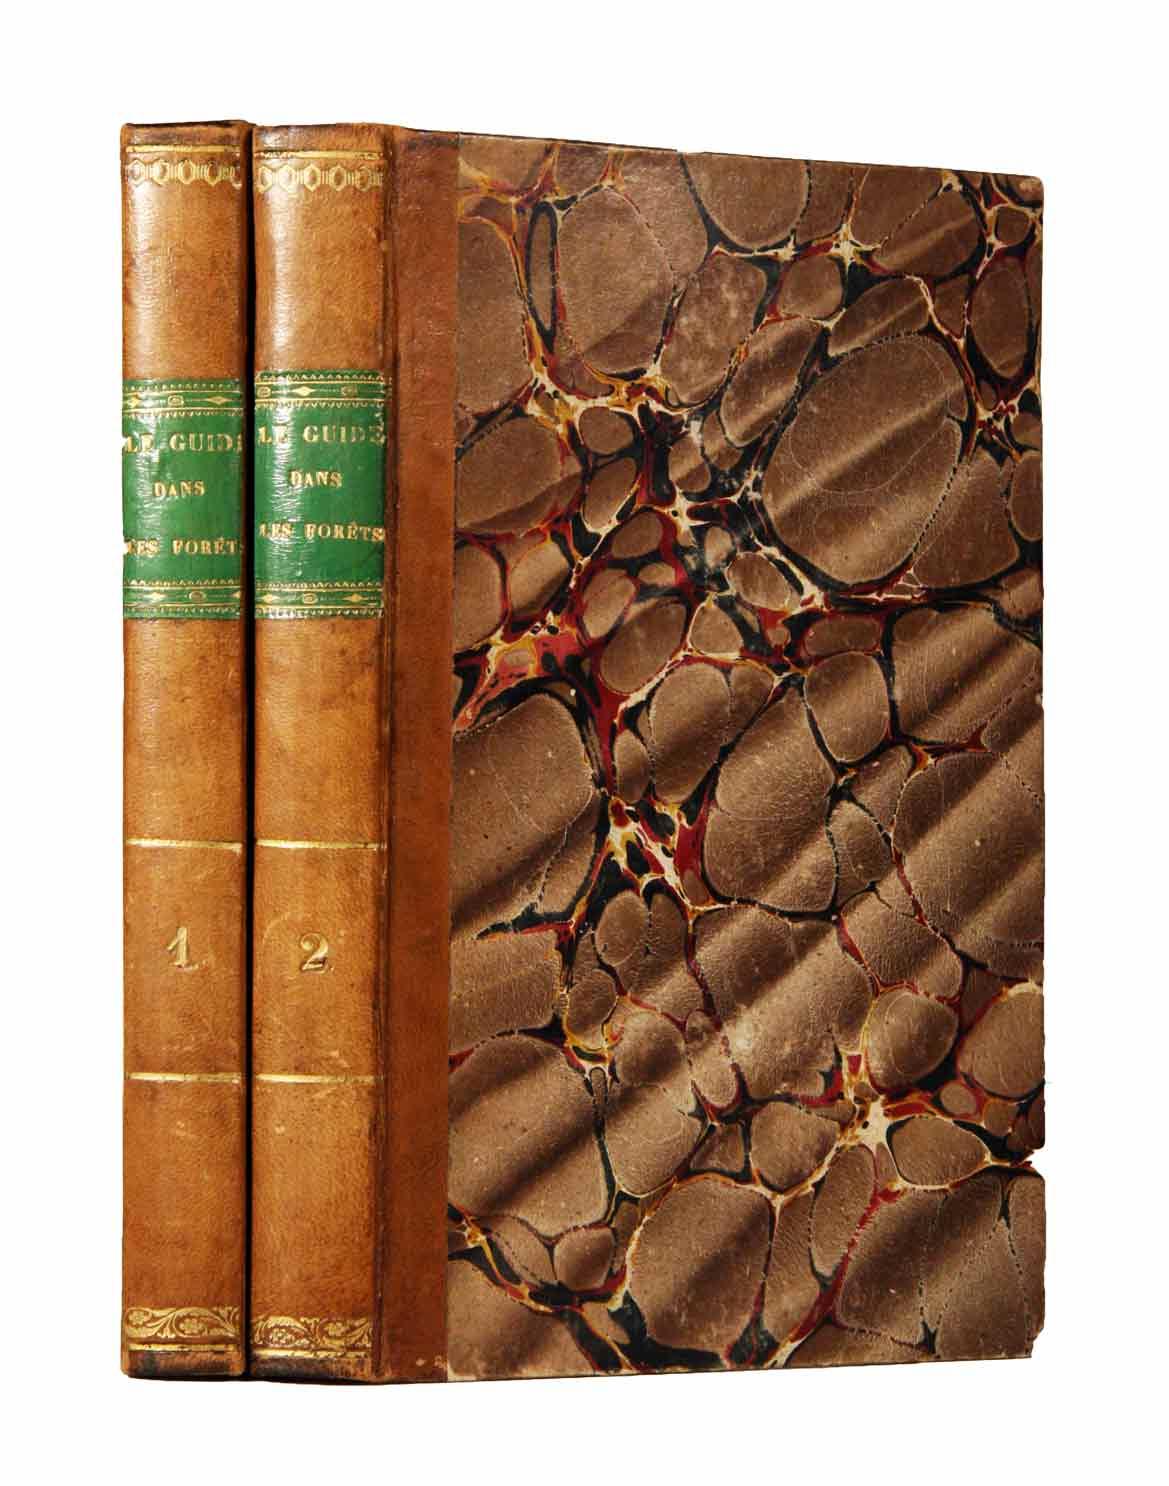 KASTHOFER (CHARLES): - Le guide dans les forêts, ouvrage particulièrement destiné à l'instruction des campagnards, des propriétaires de bois et des préposés des communes rurales. En 2 volumes.